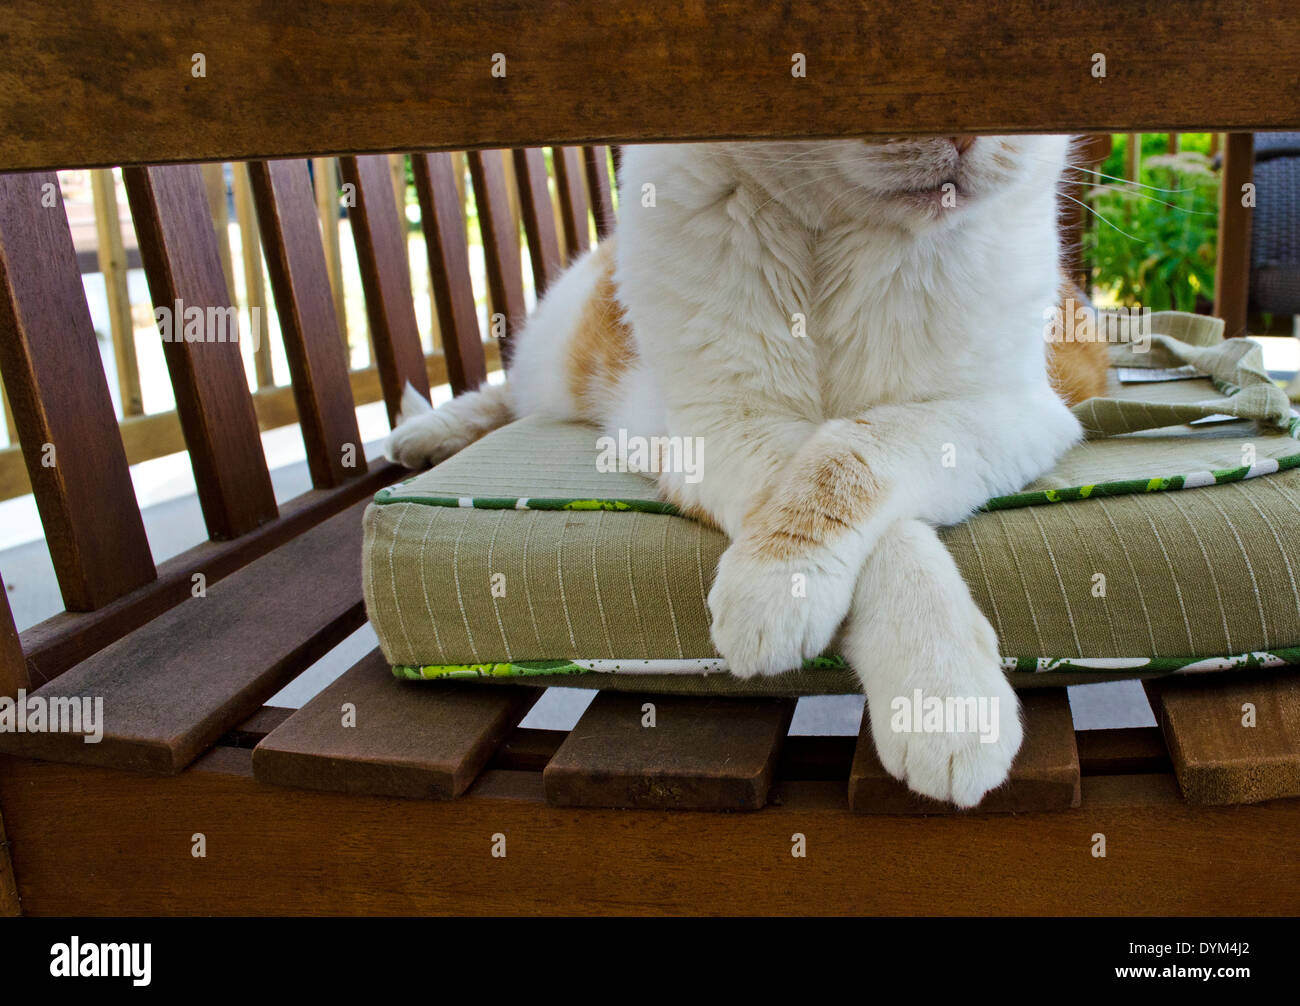 white-and-orange-cat-lounging-on-cushion